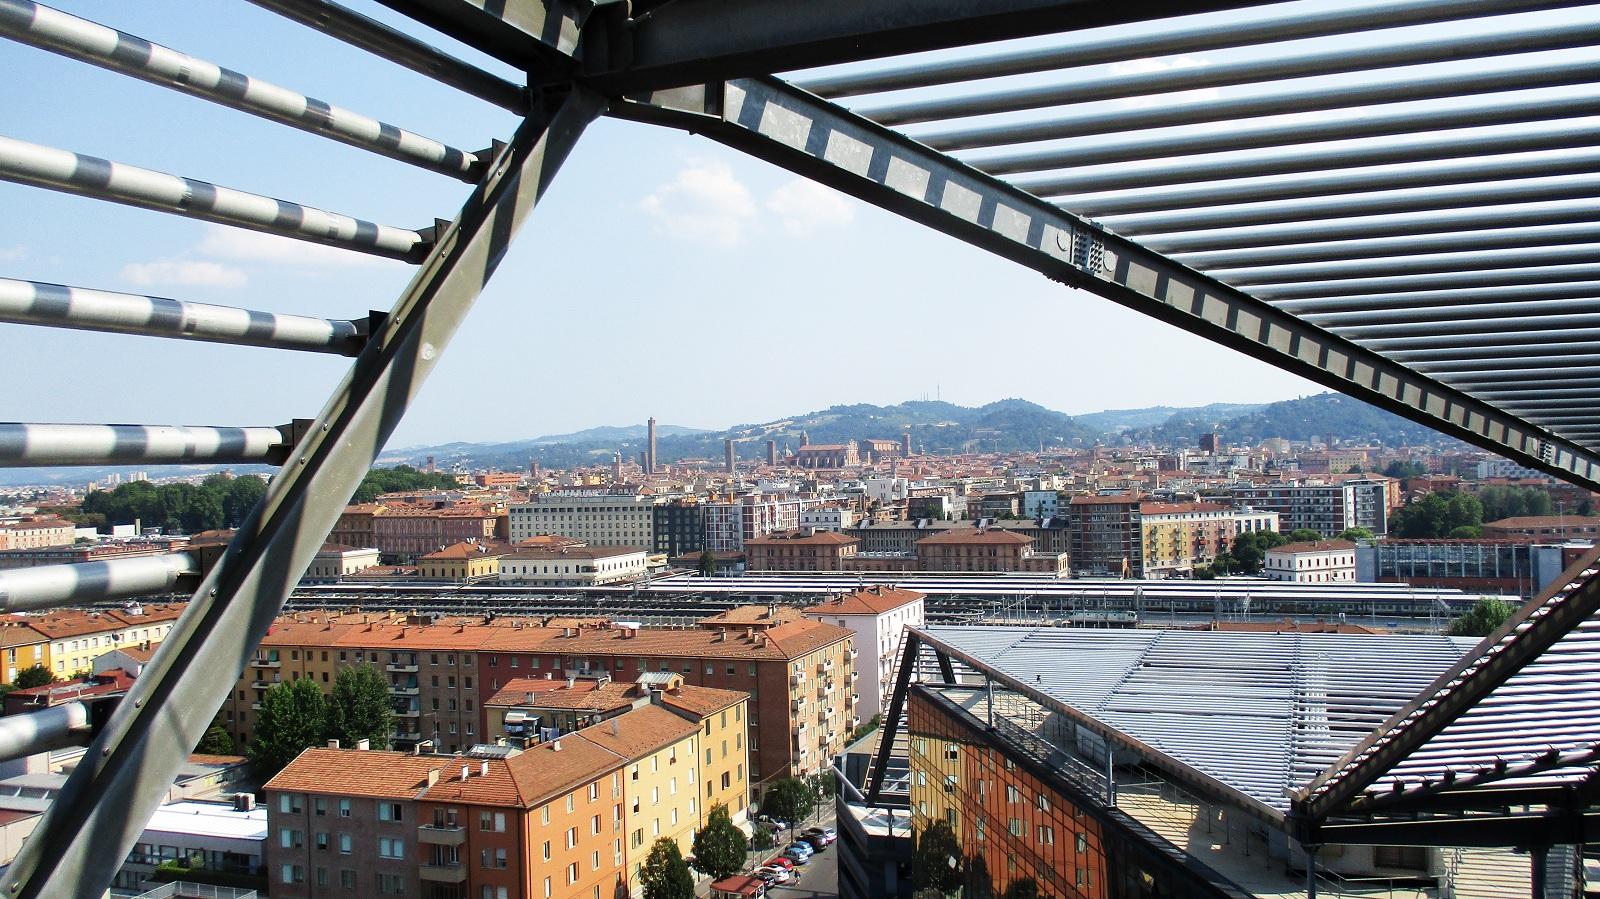 Bologna bezienswaardigheden - slavernij verleden